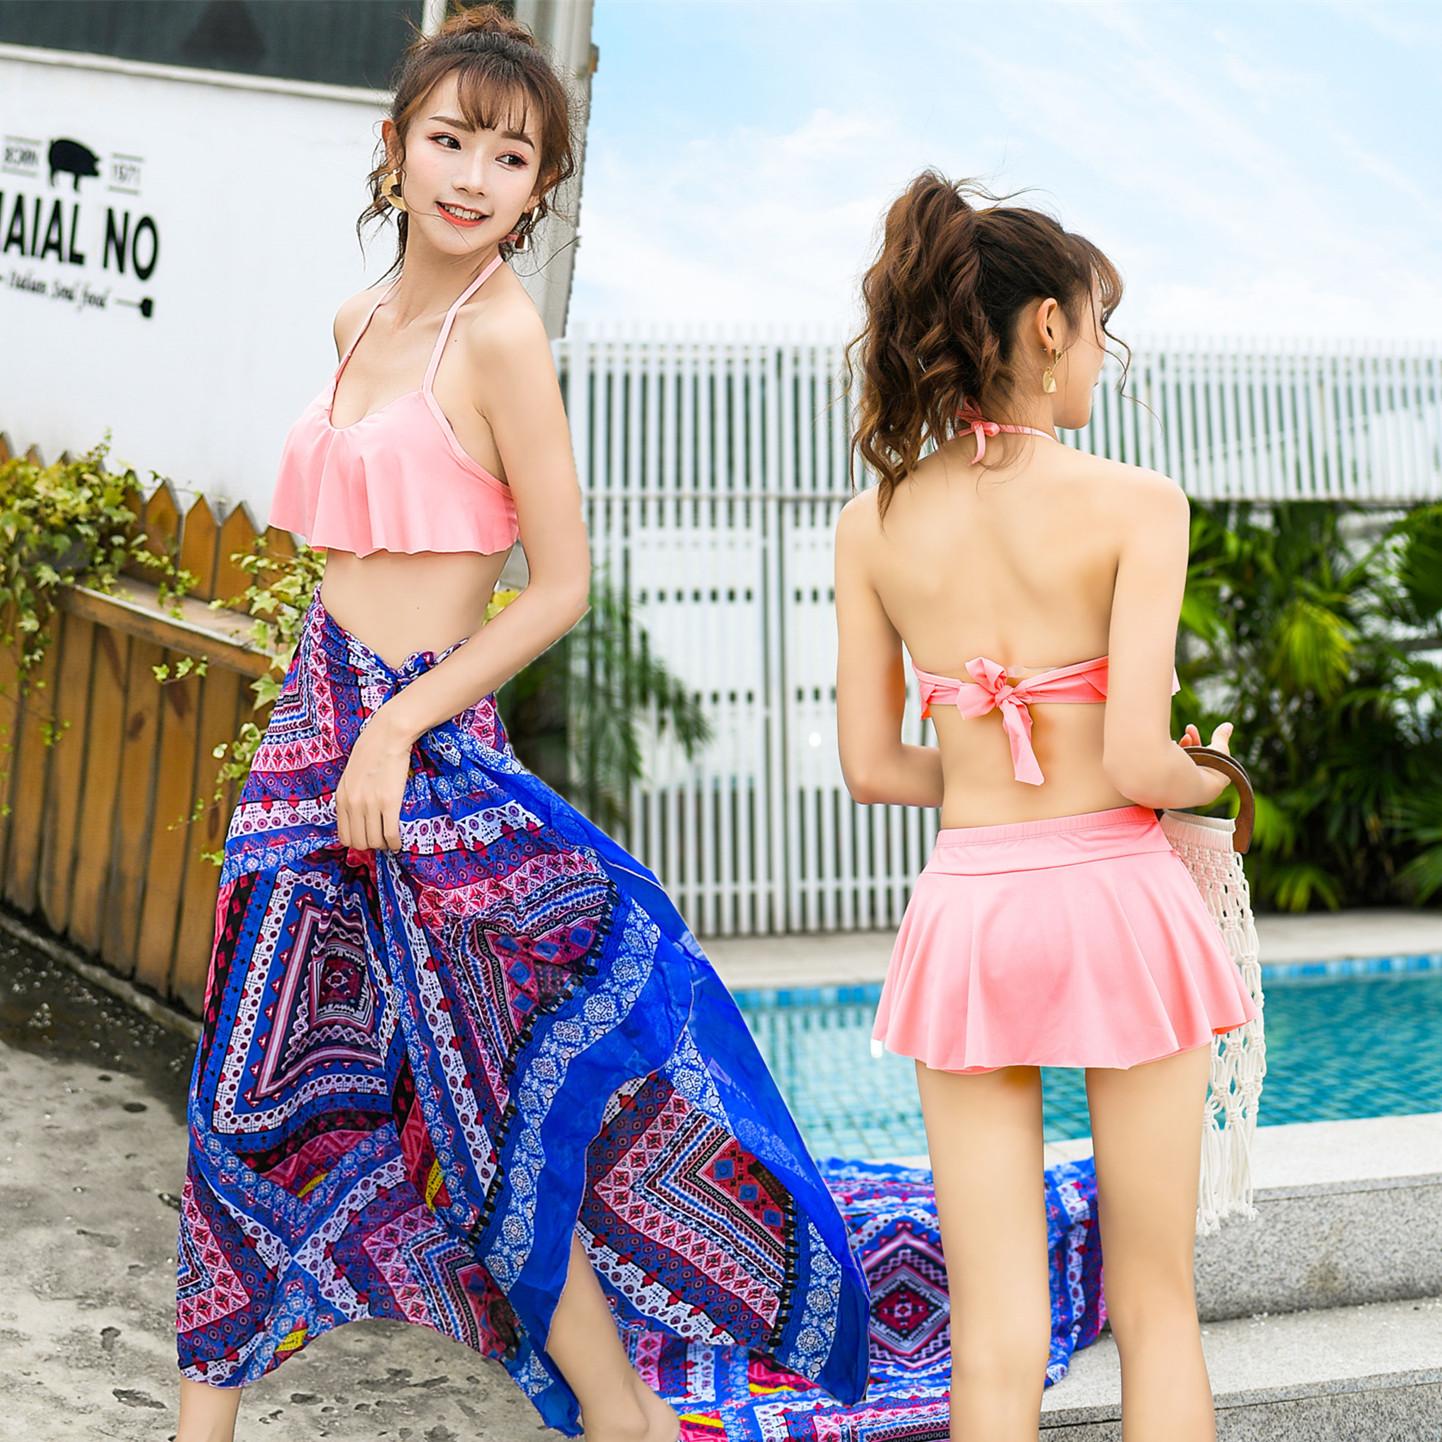 泳衣女三件套韓國溫泉小香風泳裝性感比基尼2019新款沙灘裙游泳衣